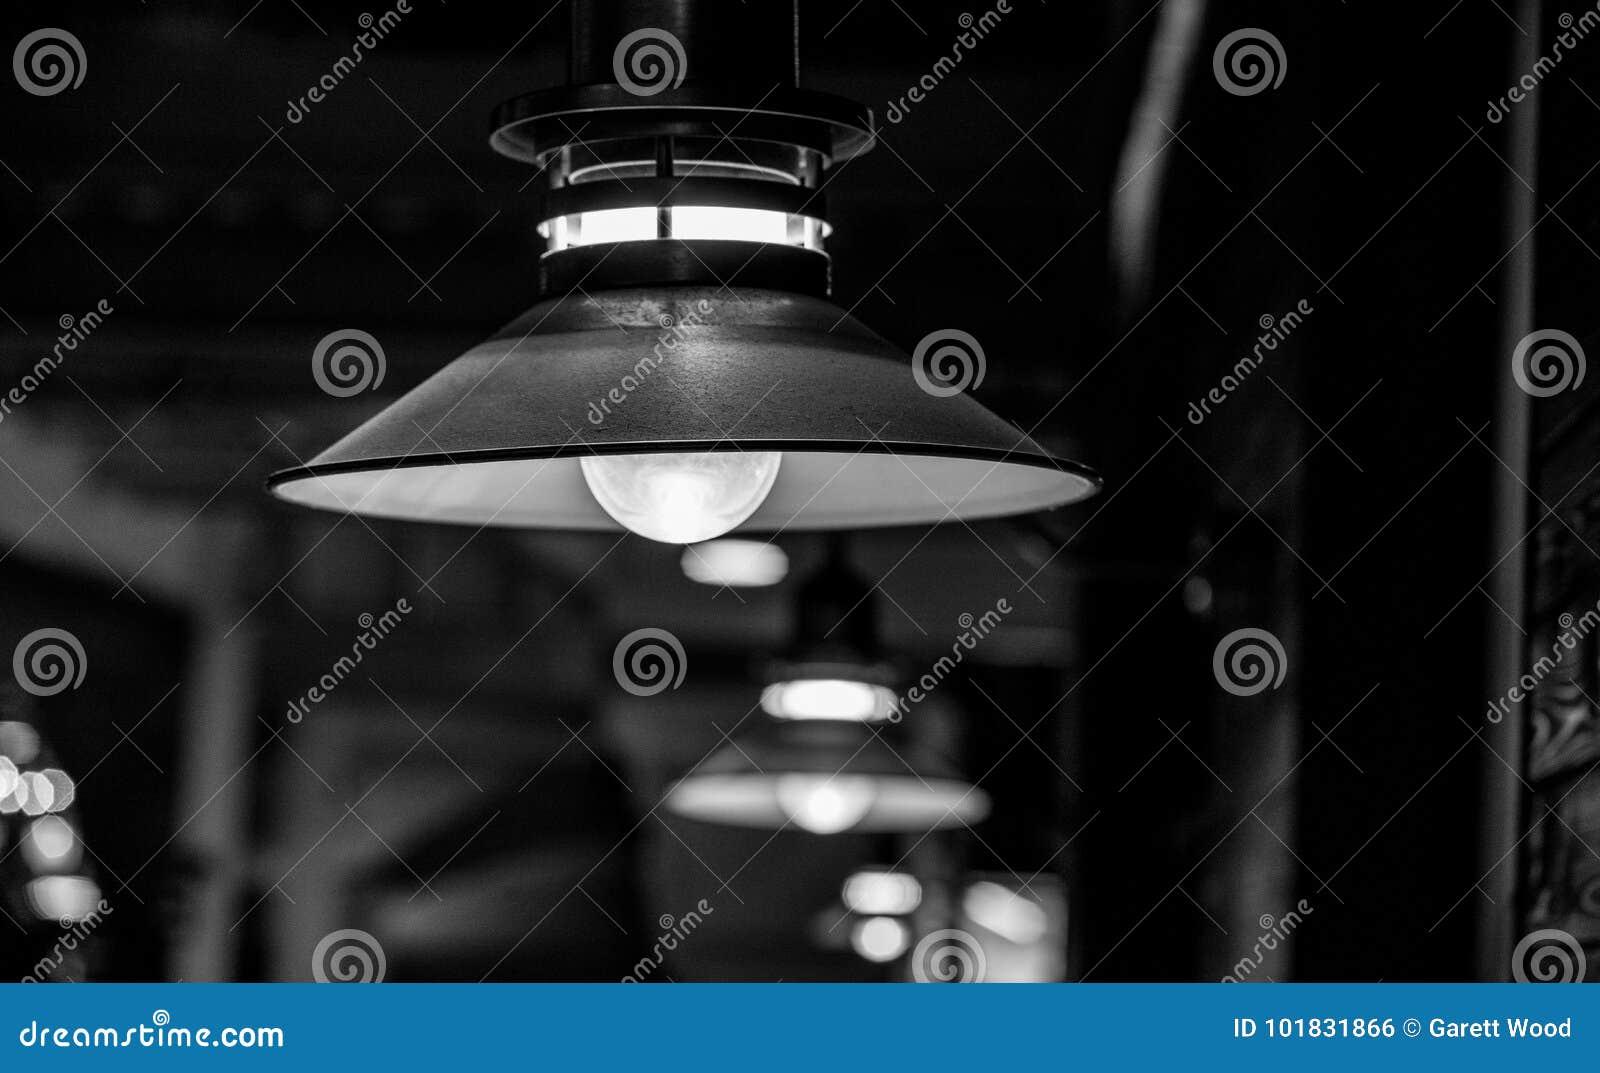 Фонарик в пабе в черно-белом